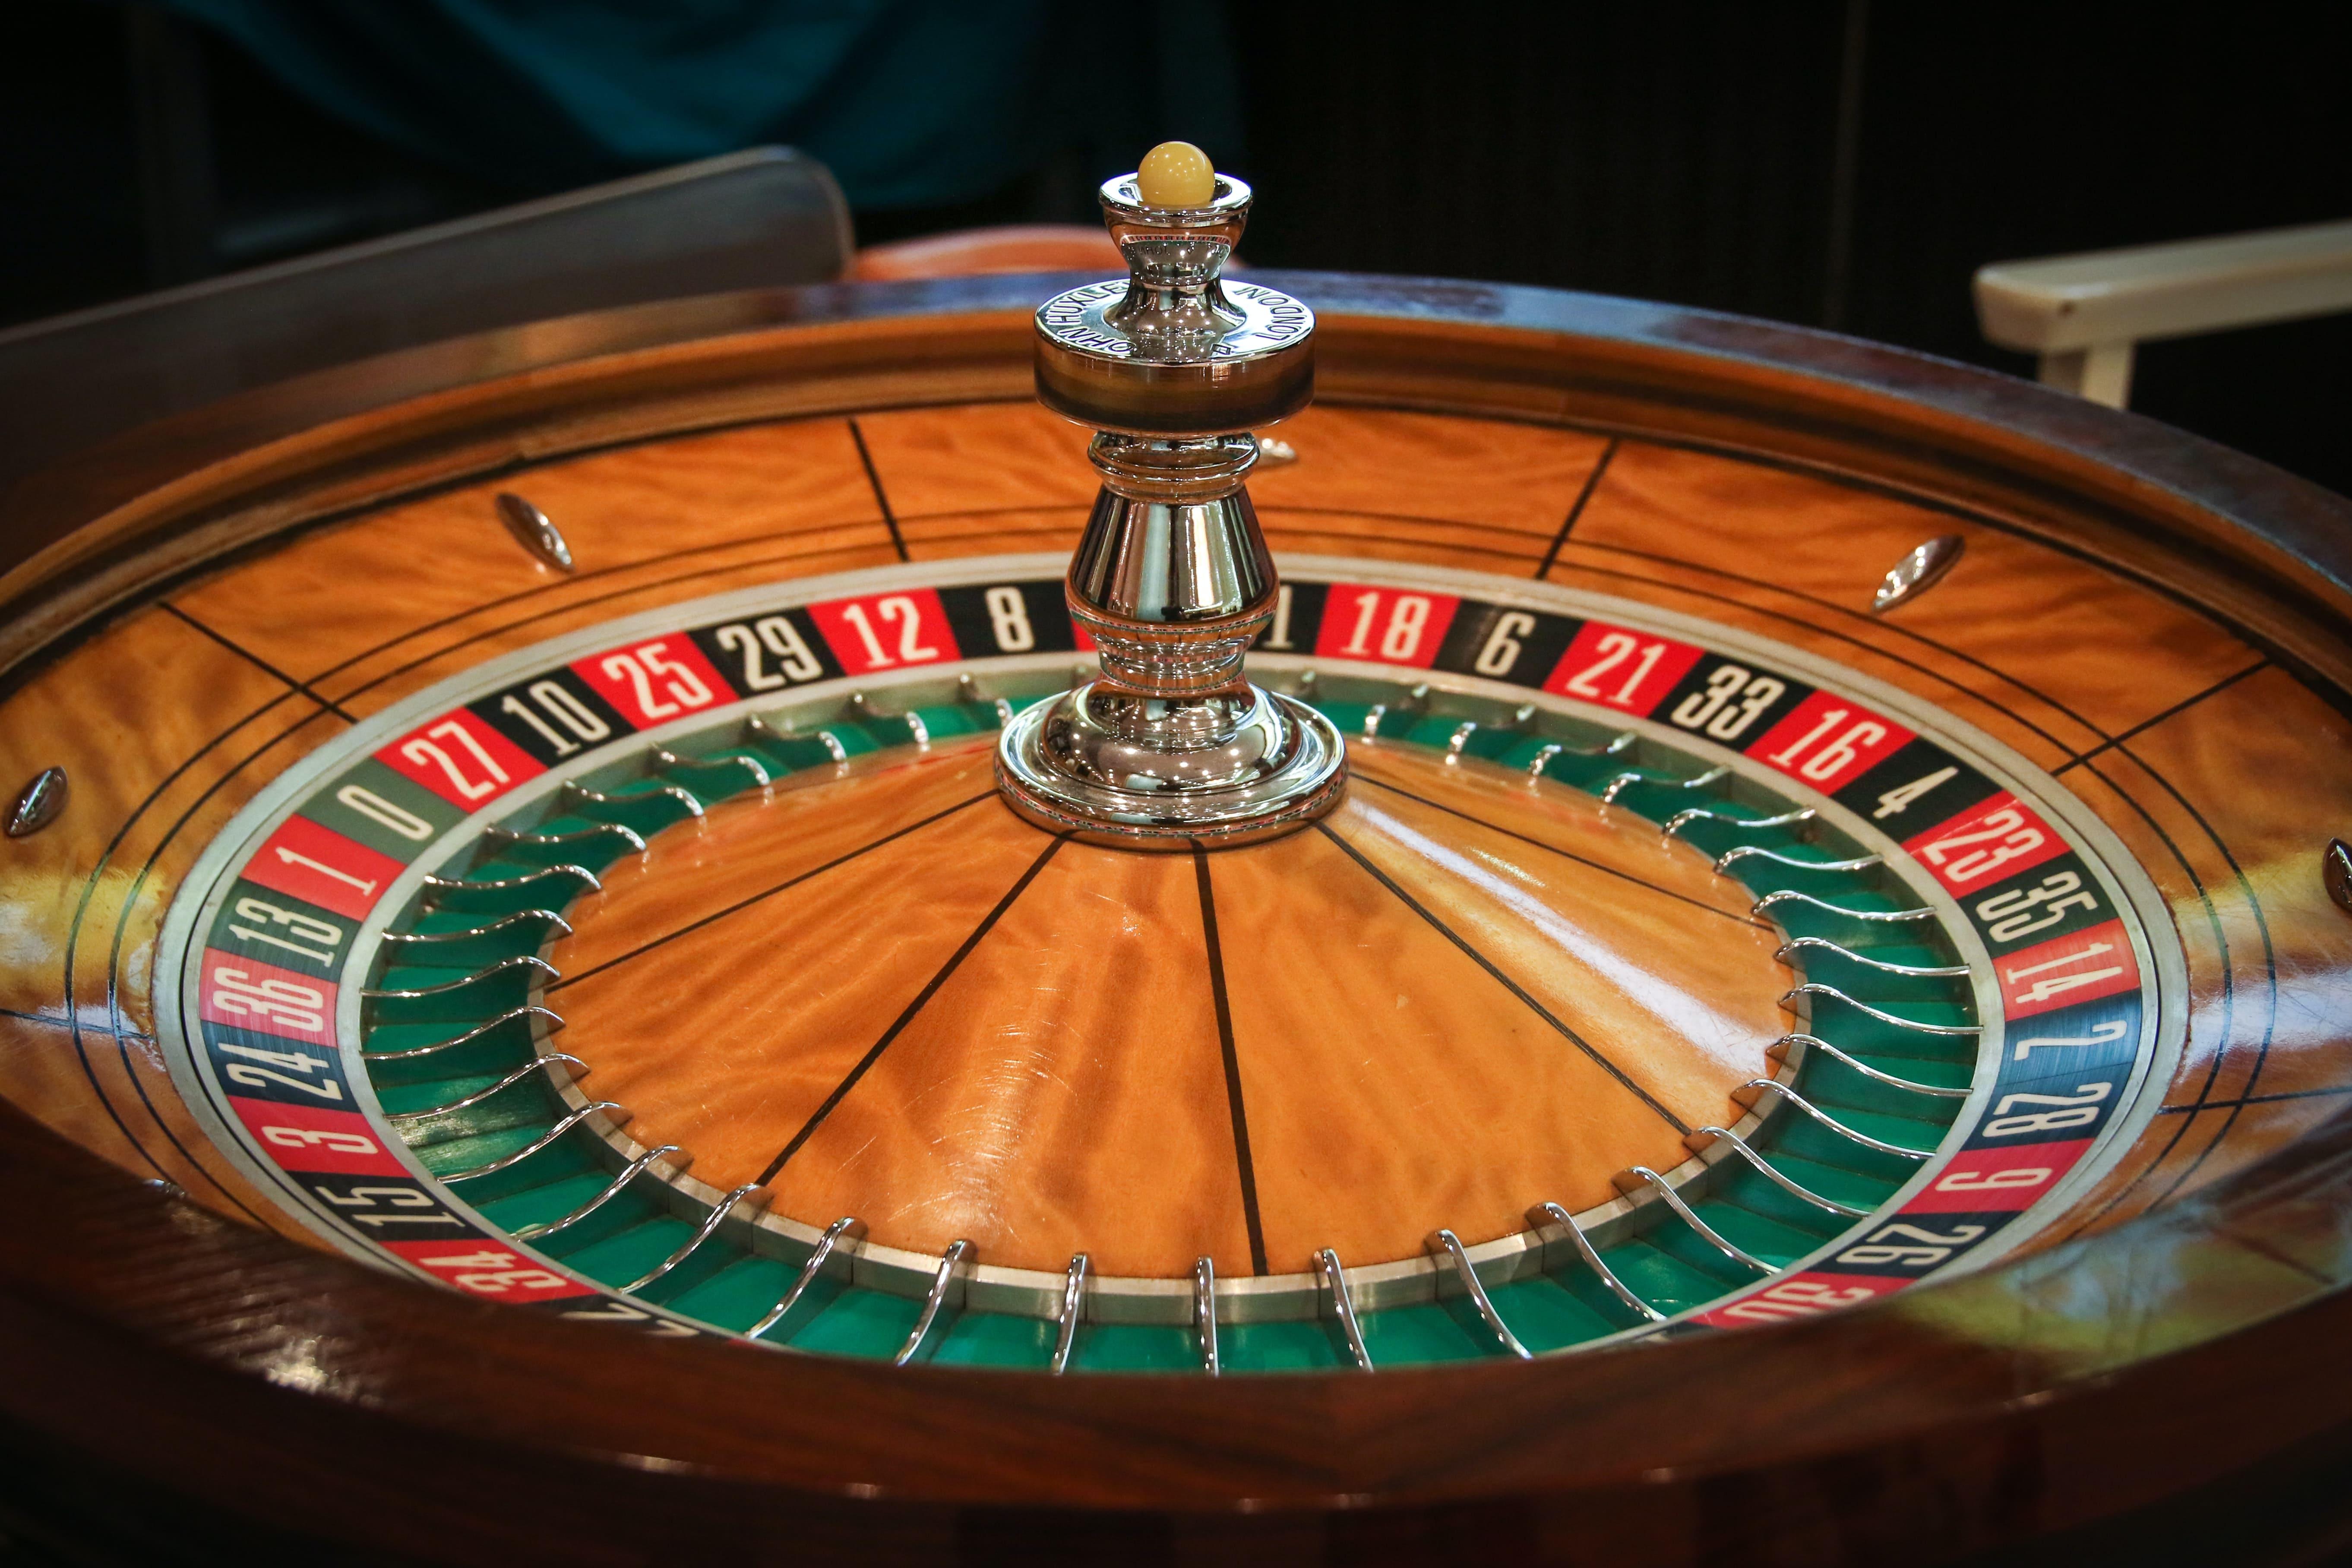 Viser et roulettebord, hvor man kan gå ind og få en indbetalingsbonus når man kommer ind på casinoet